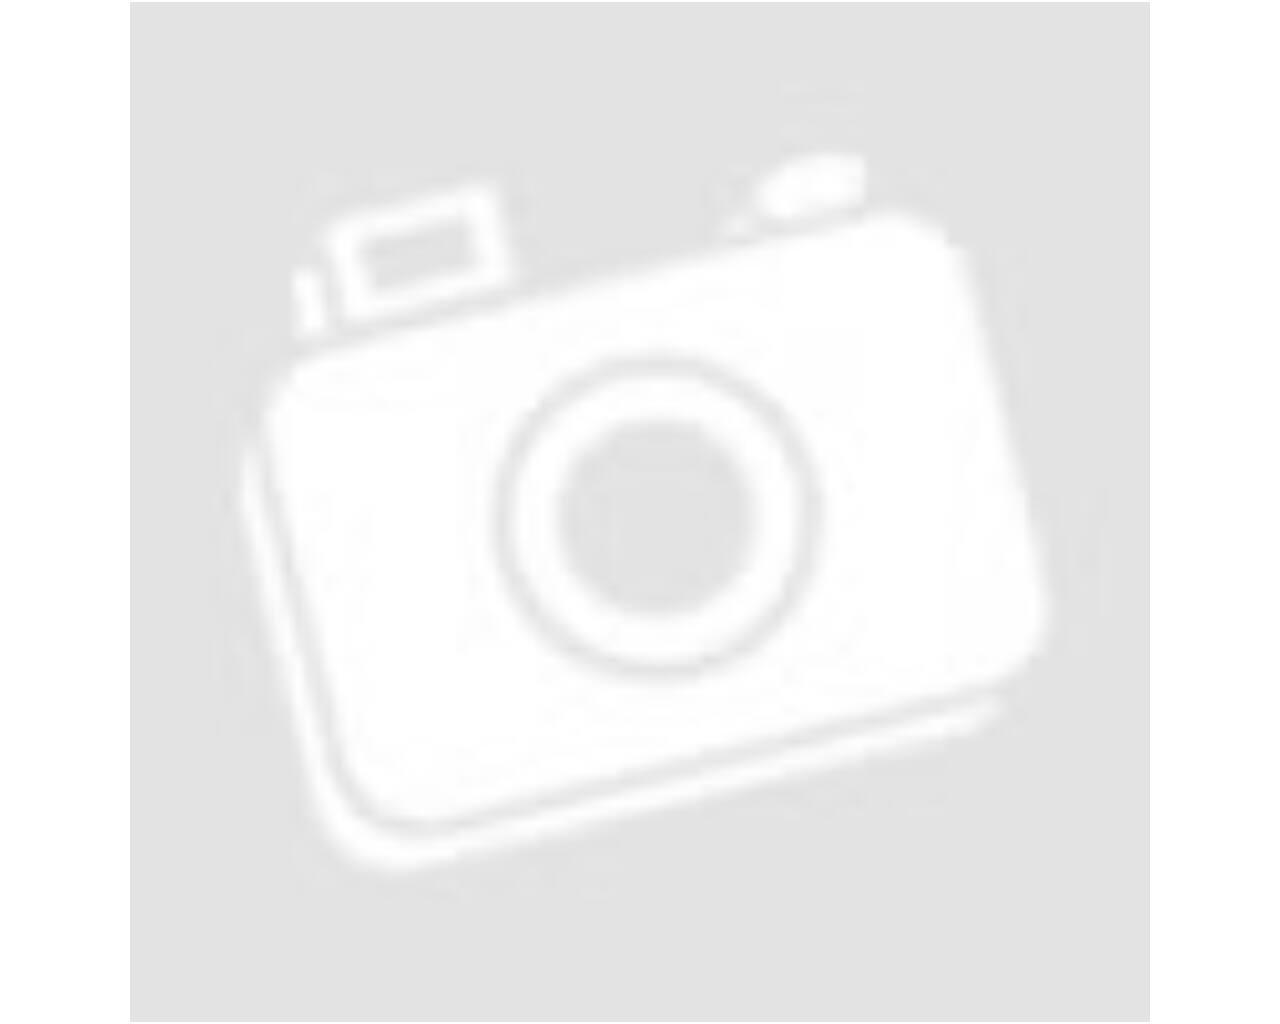 Hosseven füstcső, zománcozott lemez, 130 x 700 mm, fekete